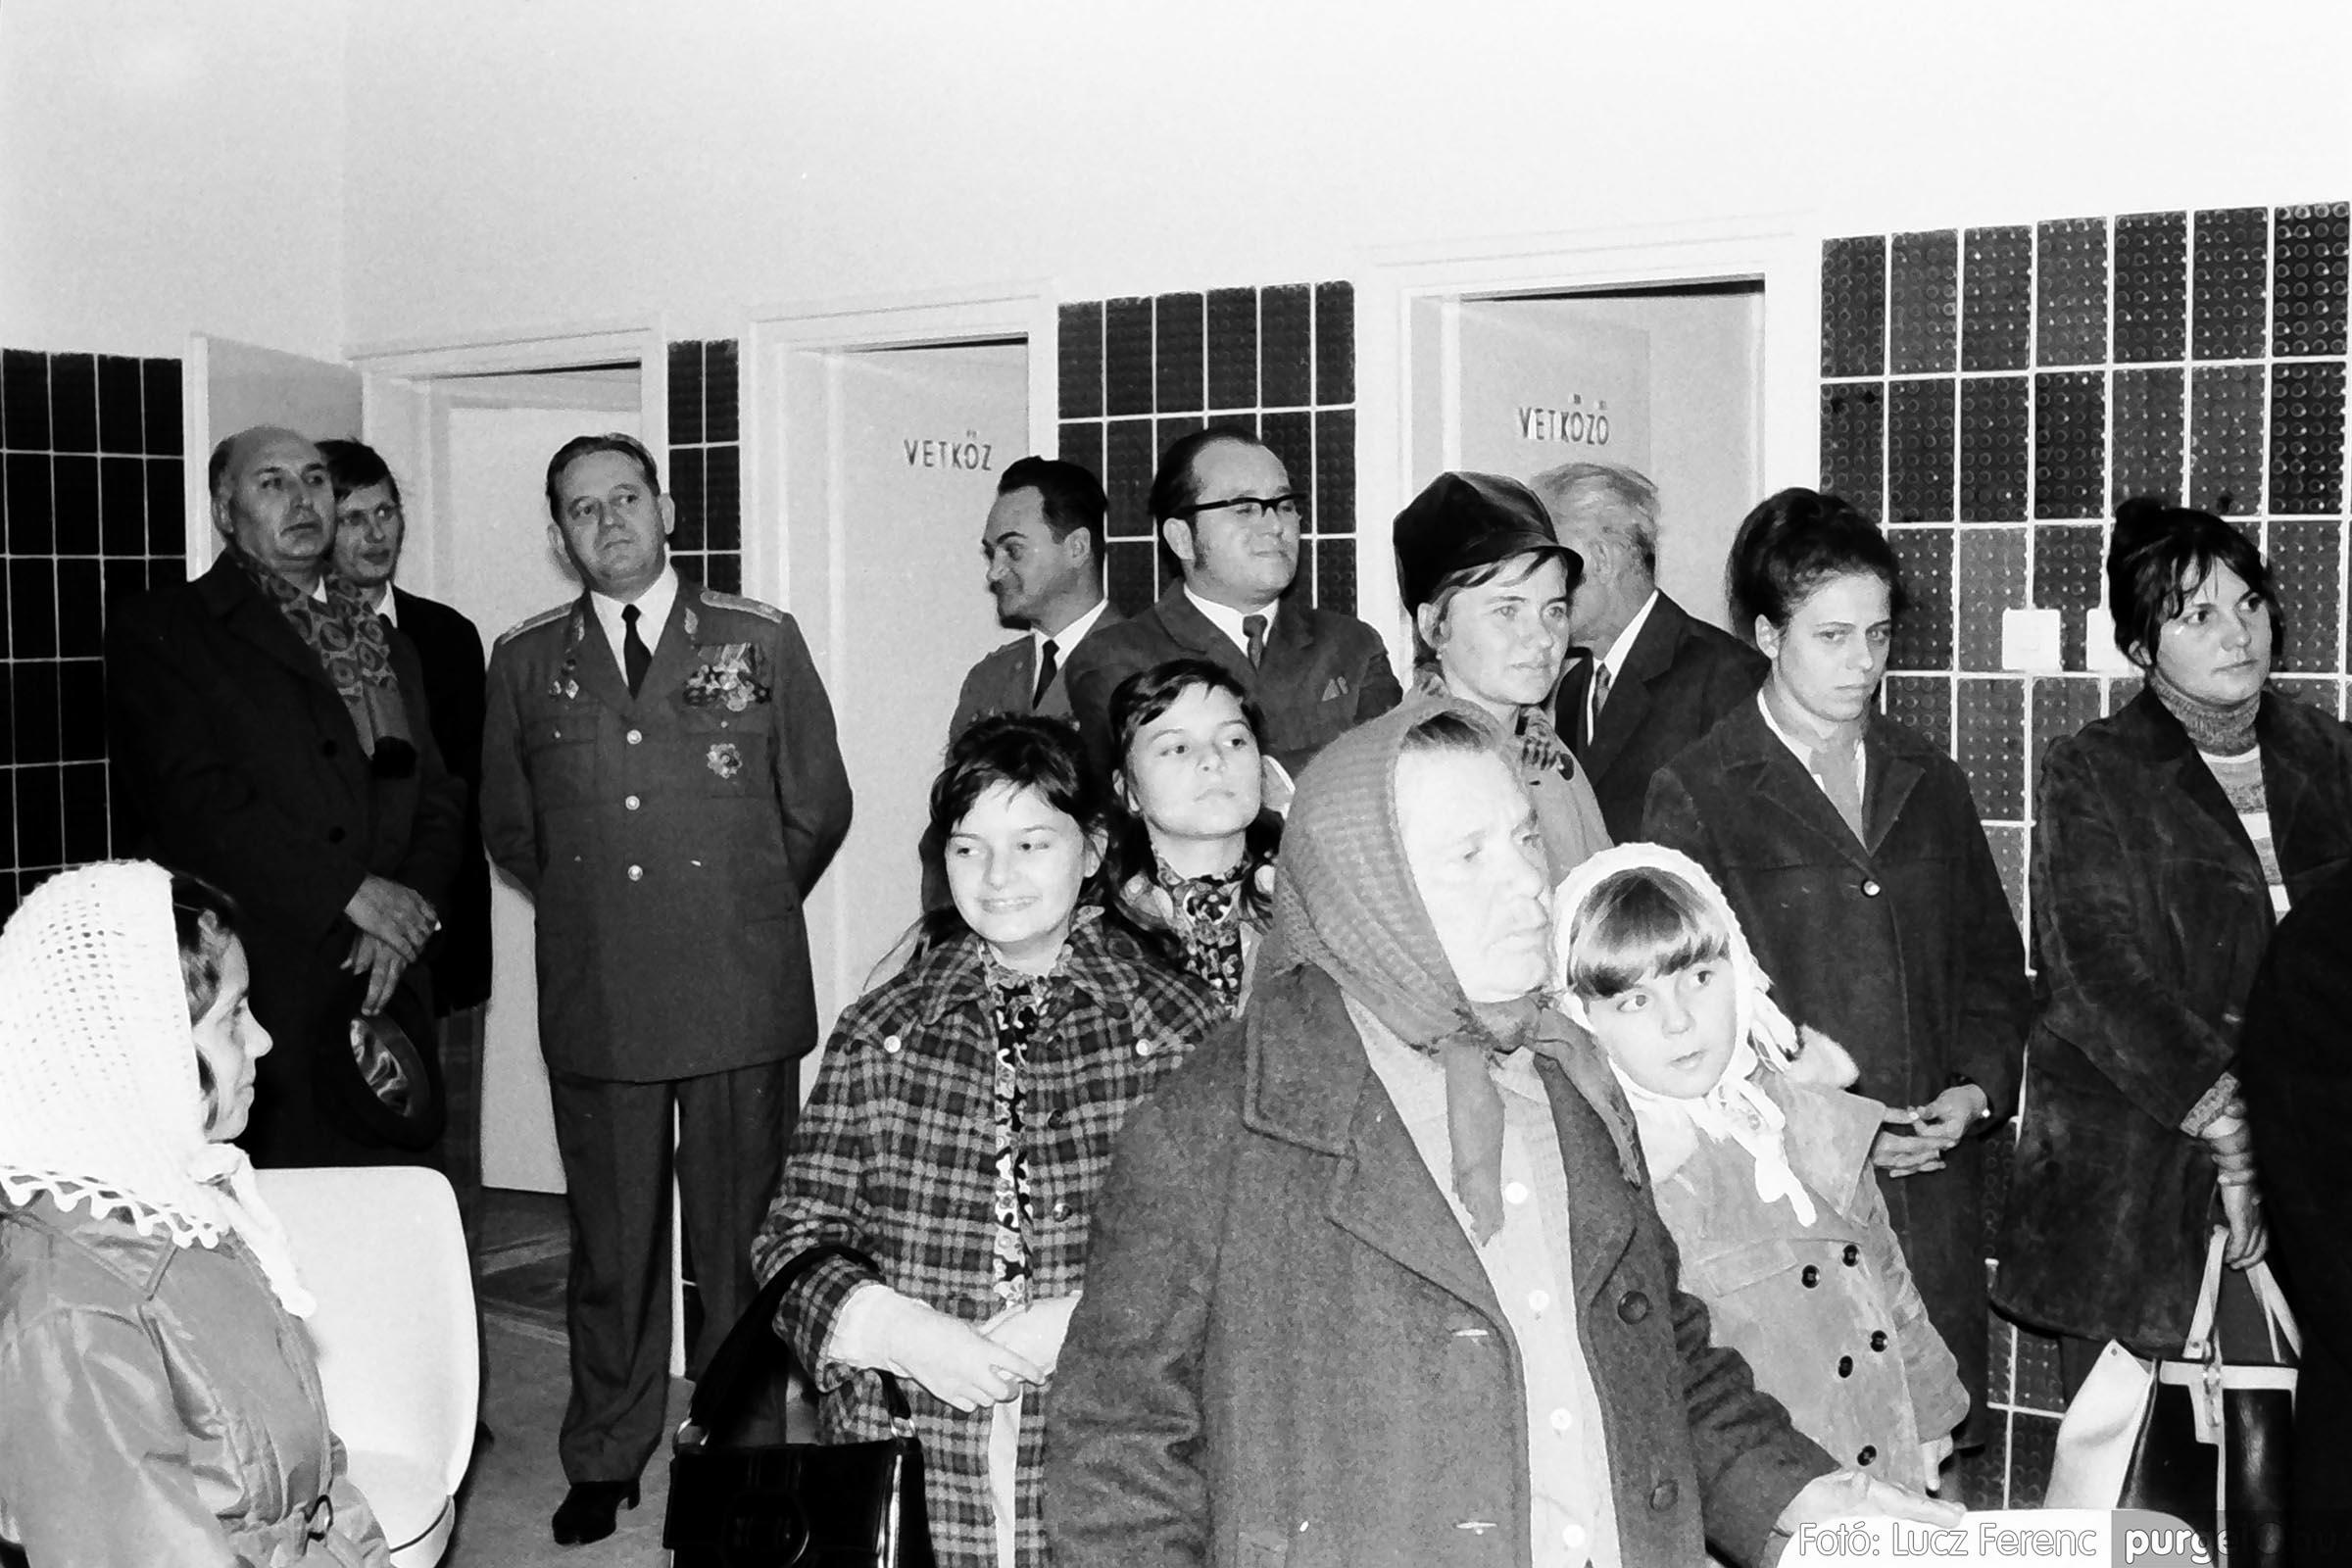 002 1970-es évek - Orvosi rendelő épületének átadása 016 - Fotó: Lucz Ferenc - IMG01114q.jpg